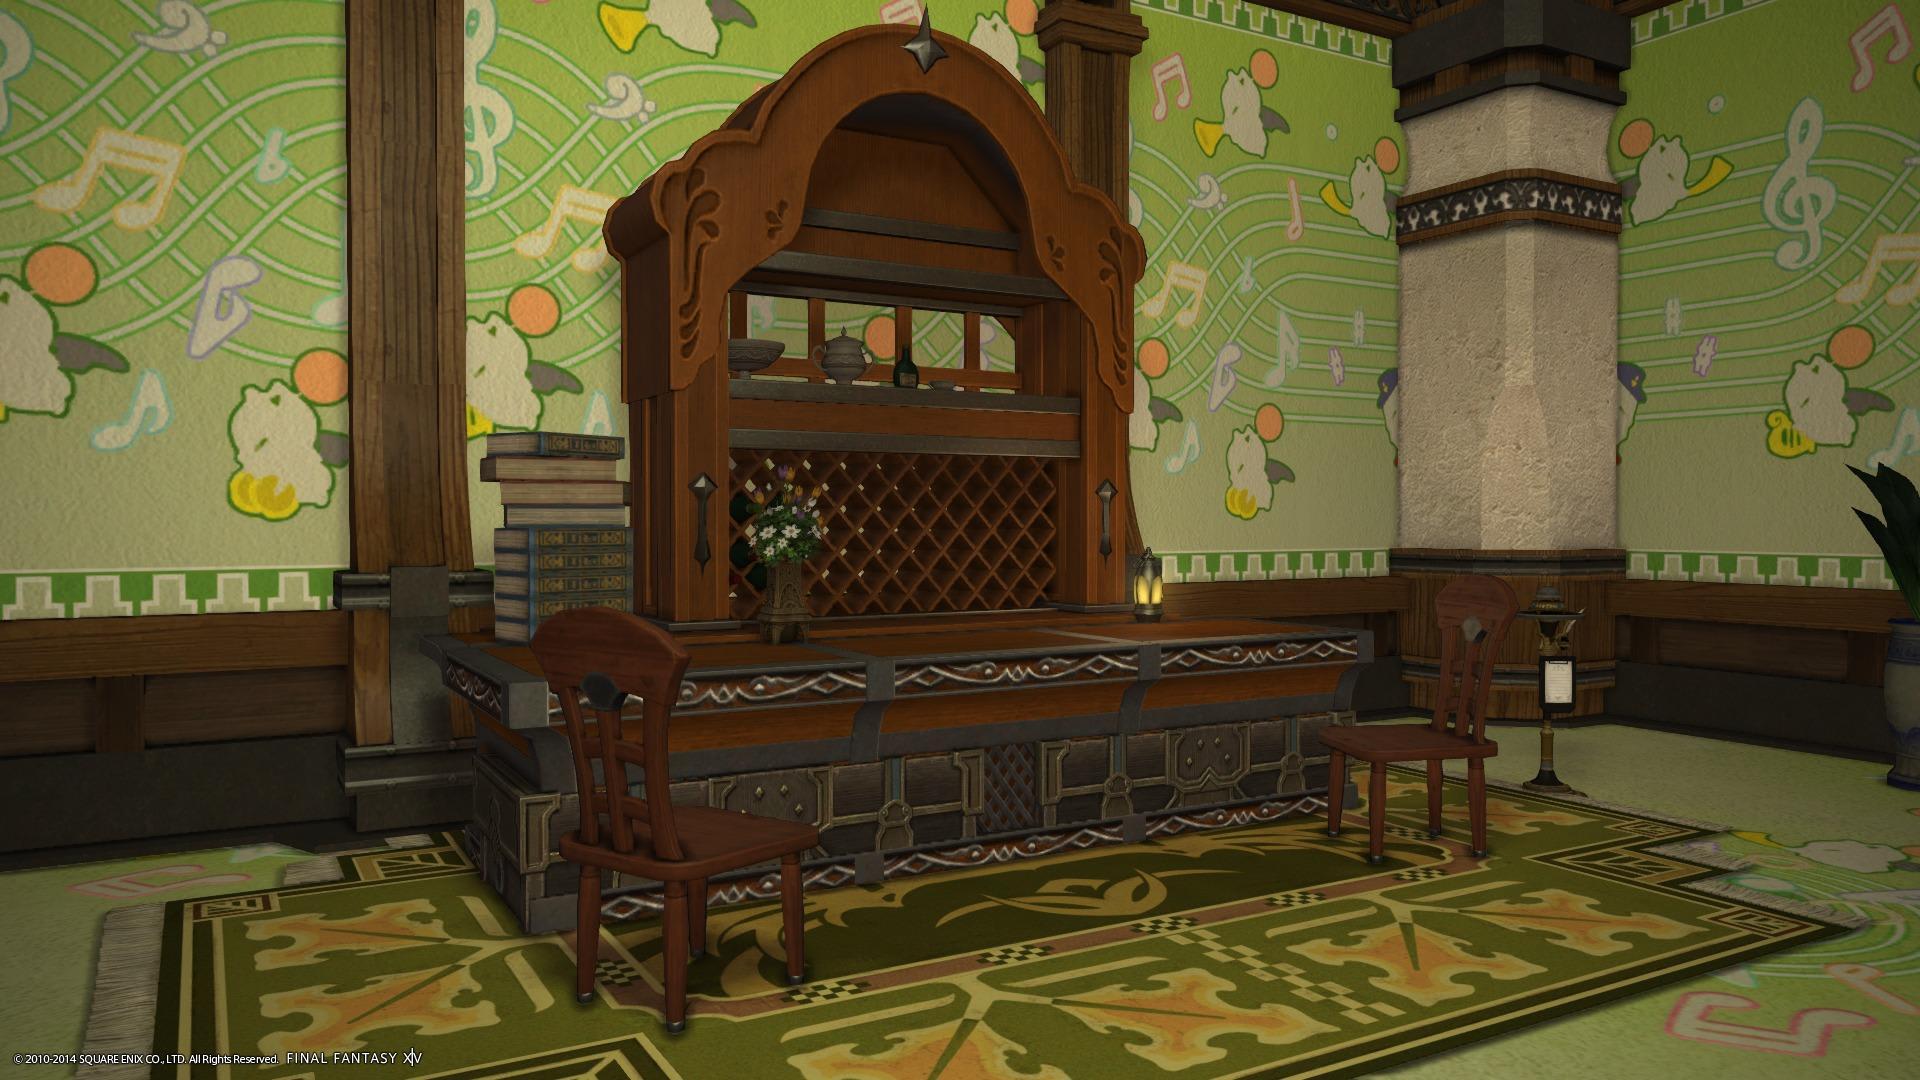 「御用邸の食器棚」と「コーナーカウンター」を上手く合わせてそれっぽく。 カウンターの上に座れるお手製ギミックはそのままですぞw